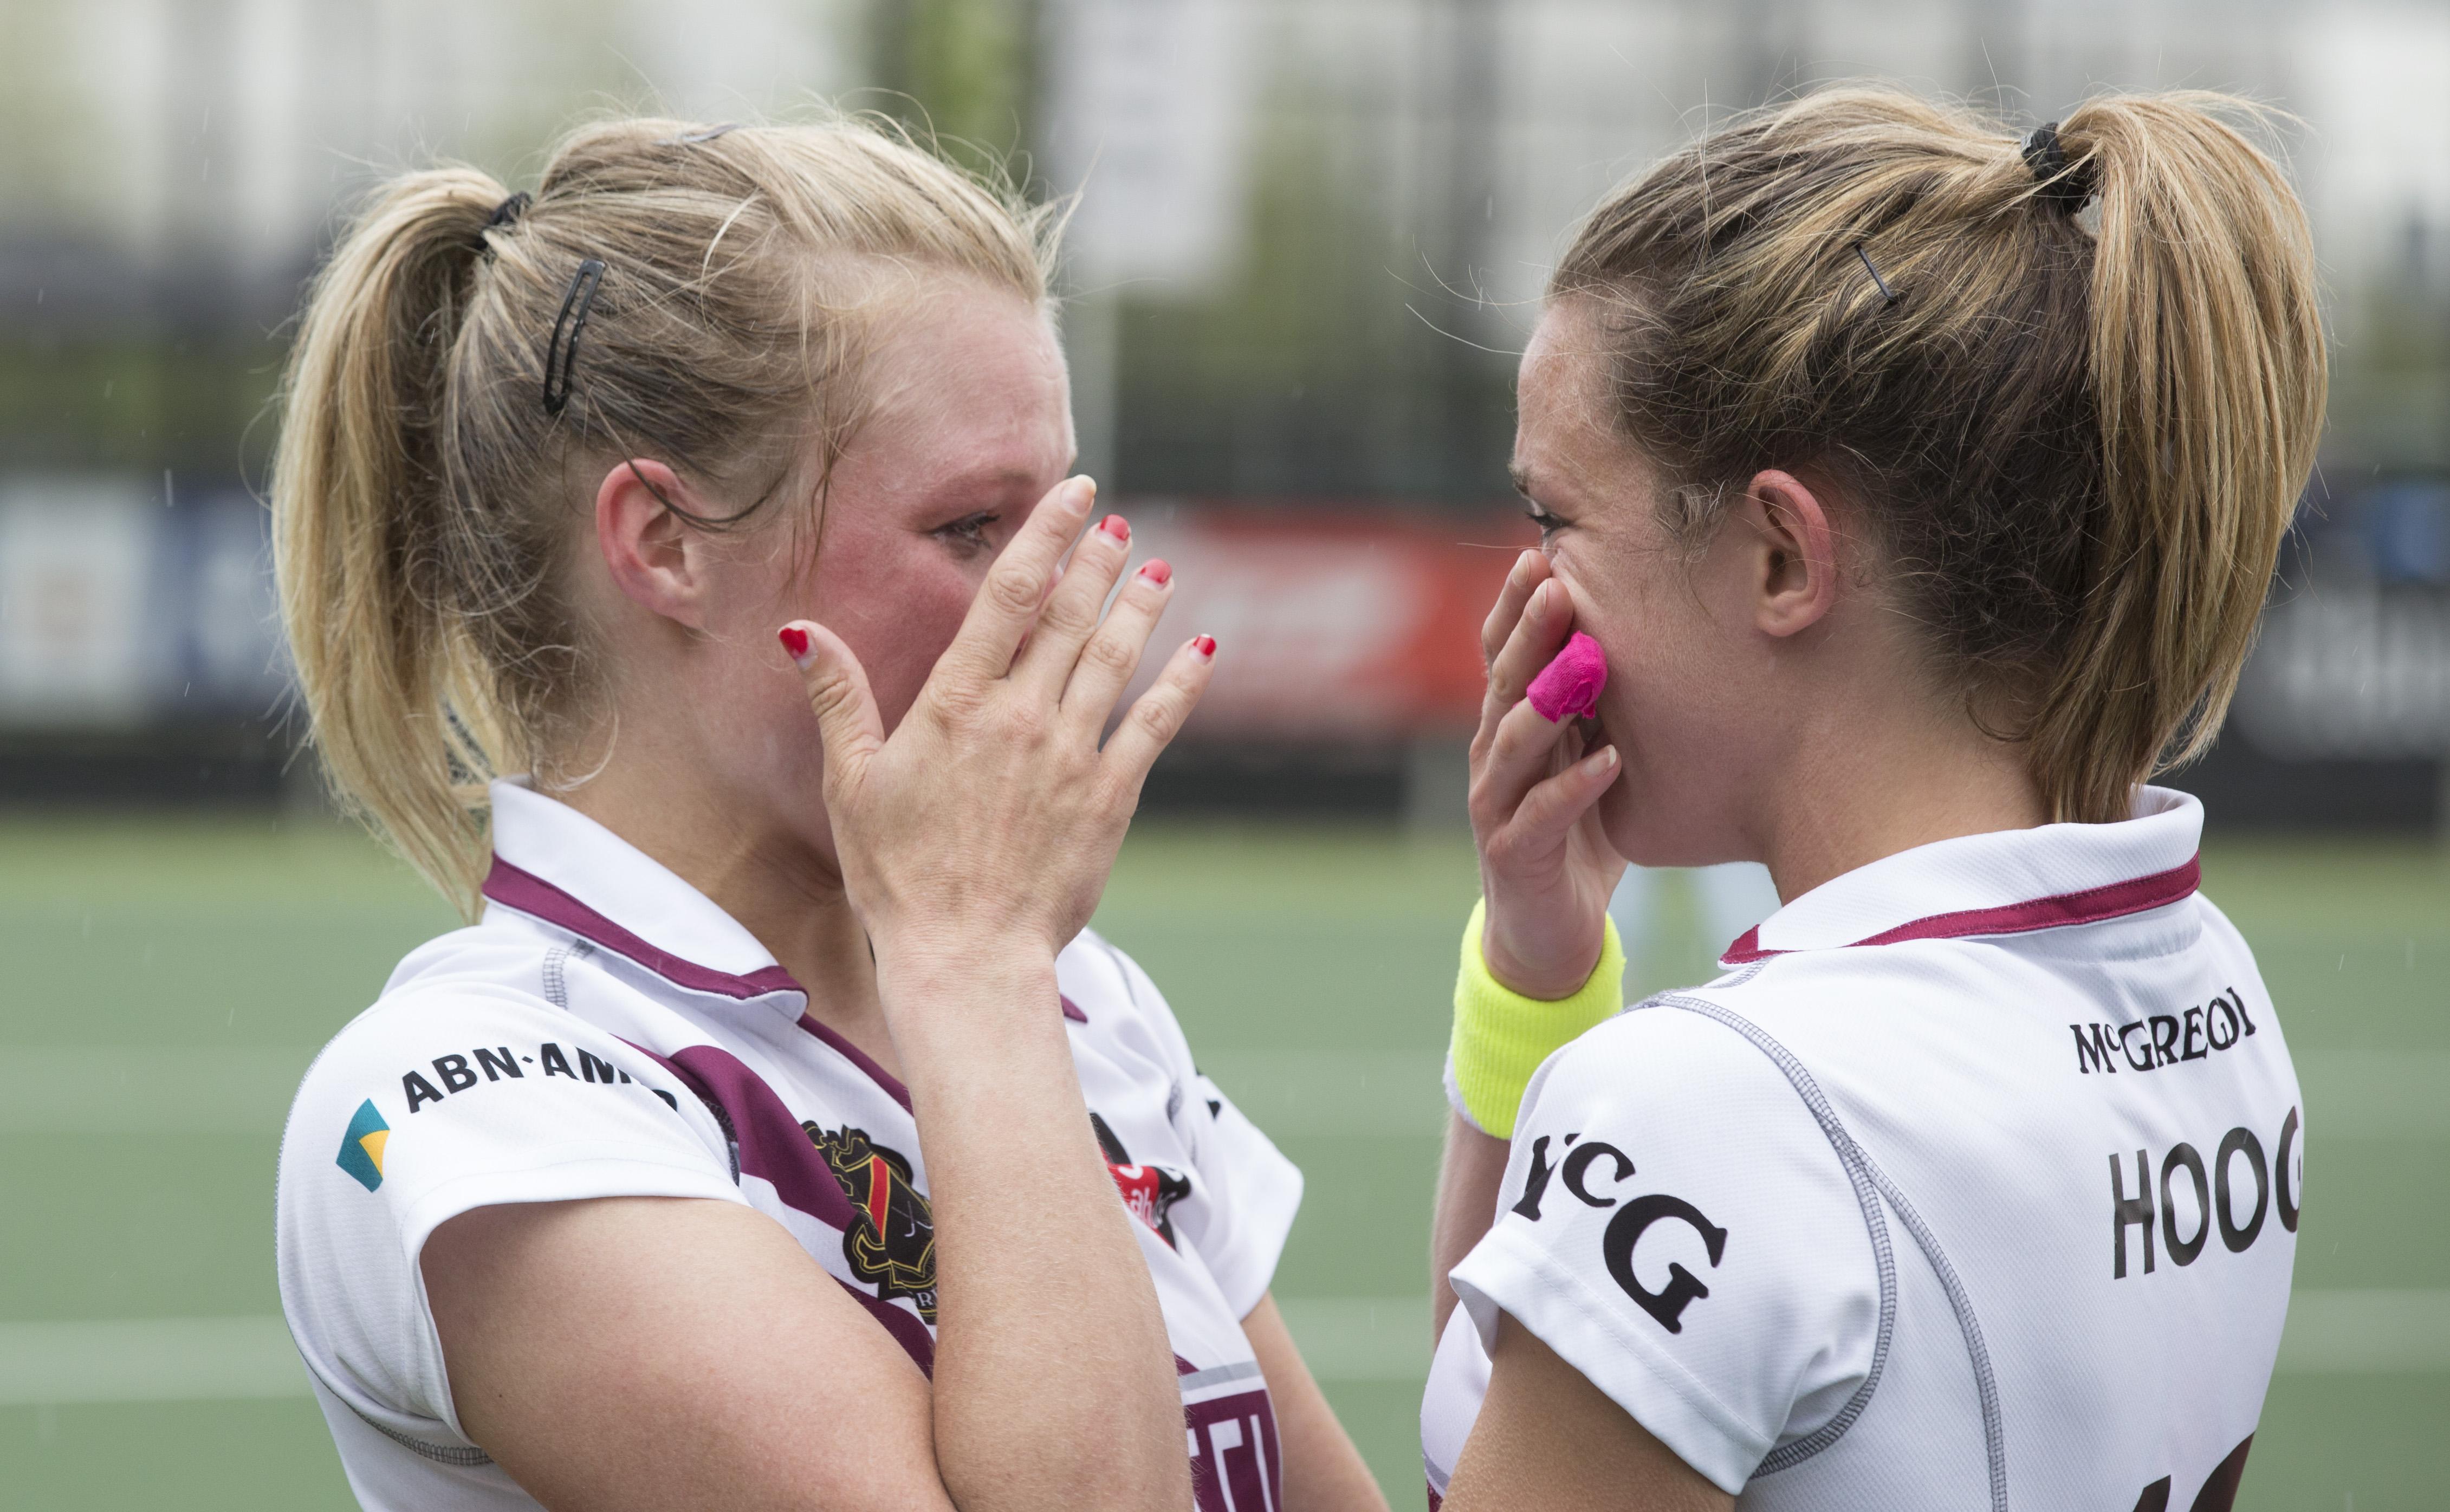 DEN BOSCH - HOCKEY - Tranen bij Sophie Polkamp (l) , die haar laatste wedstrijd voor Amsterdam DI speelde ,na de play off wedstrijd tussen de vrouwen van Den Bosch en Amsterdam . rechts Ellen Hoog die mee doet. COPYRIGHT KOEN SUYK